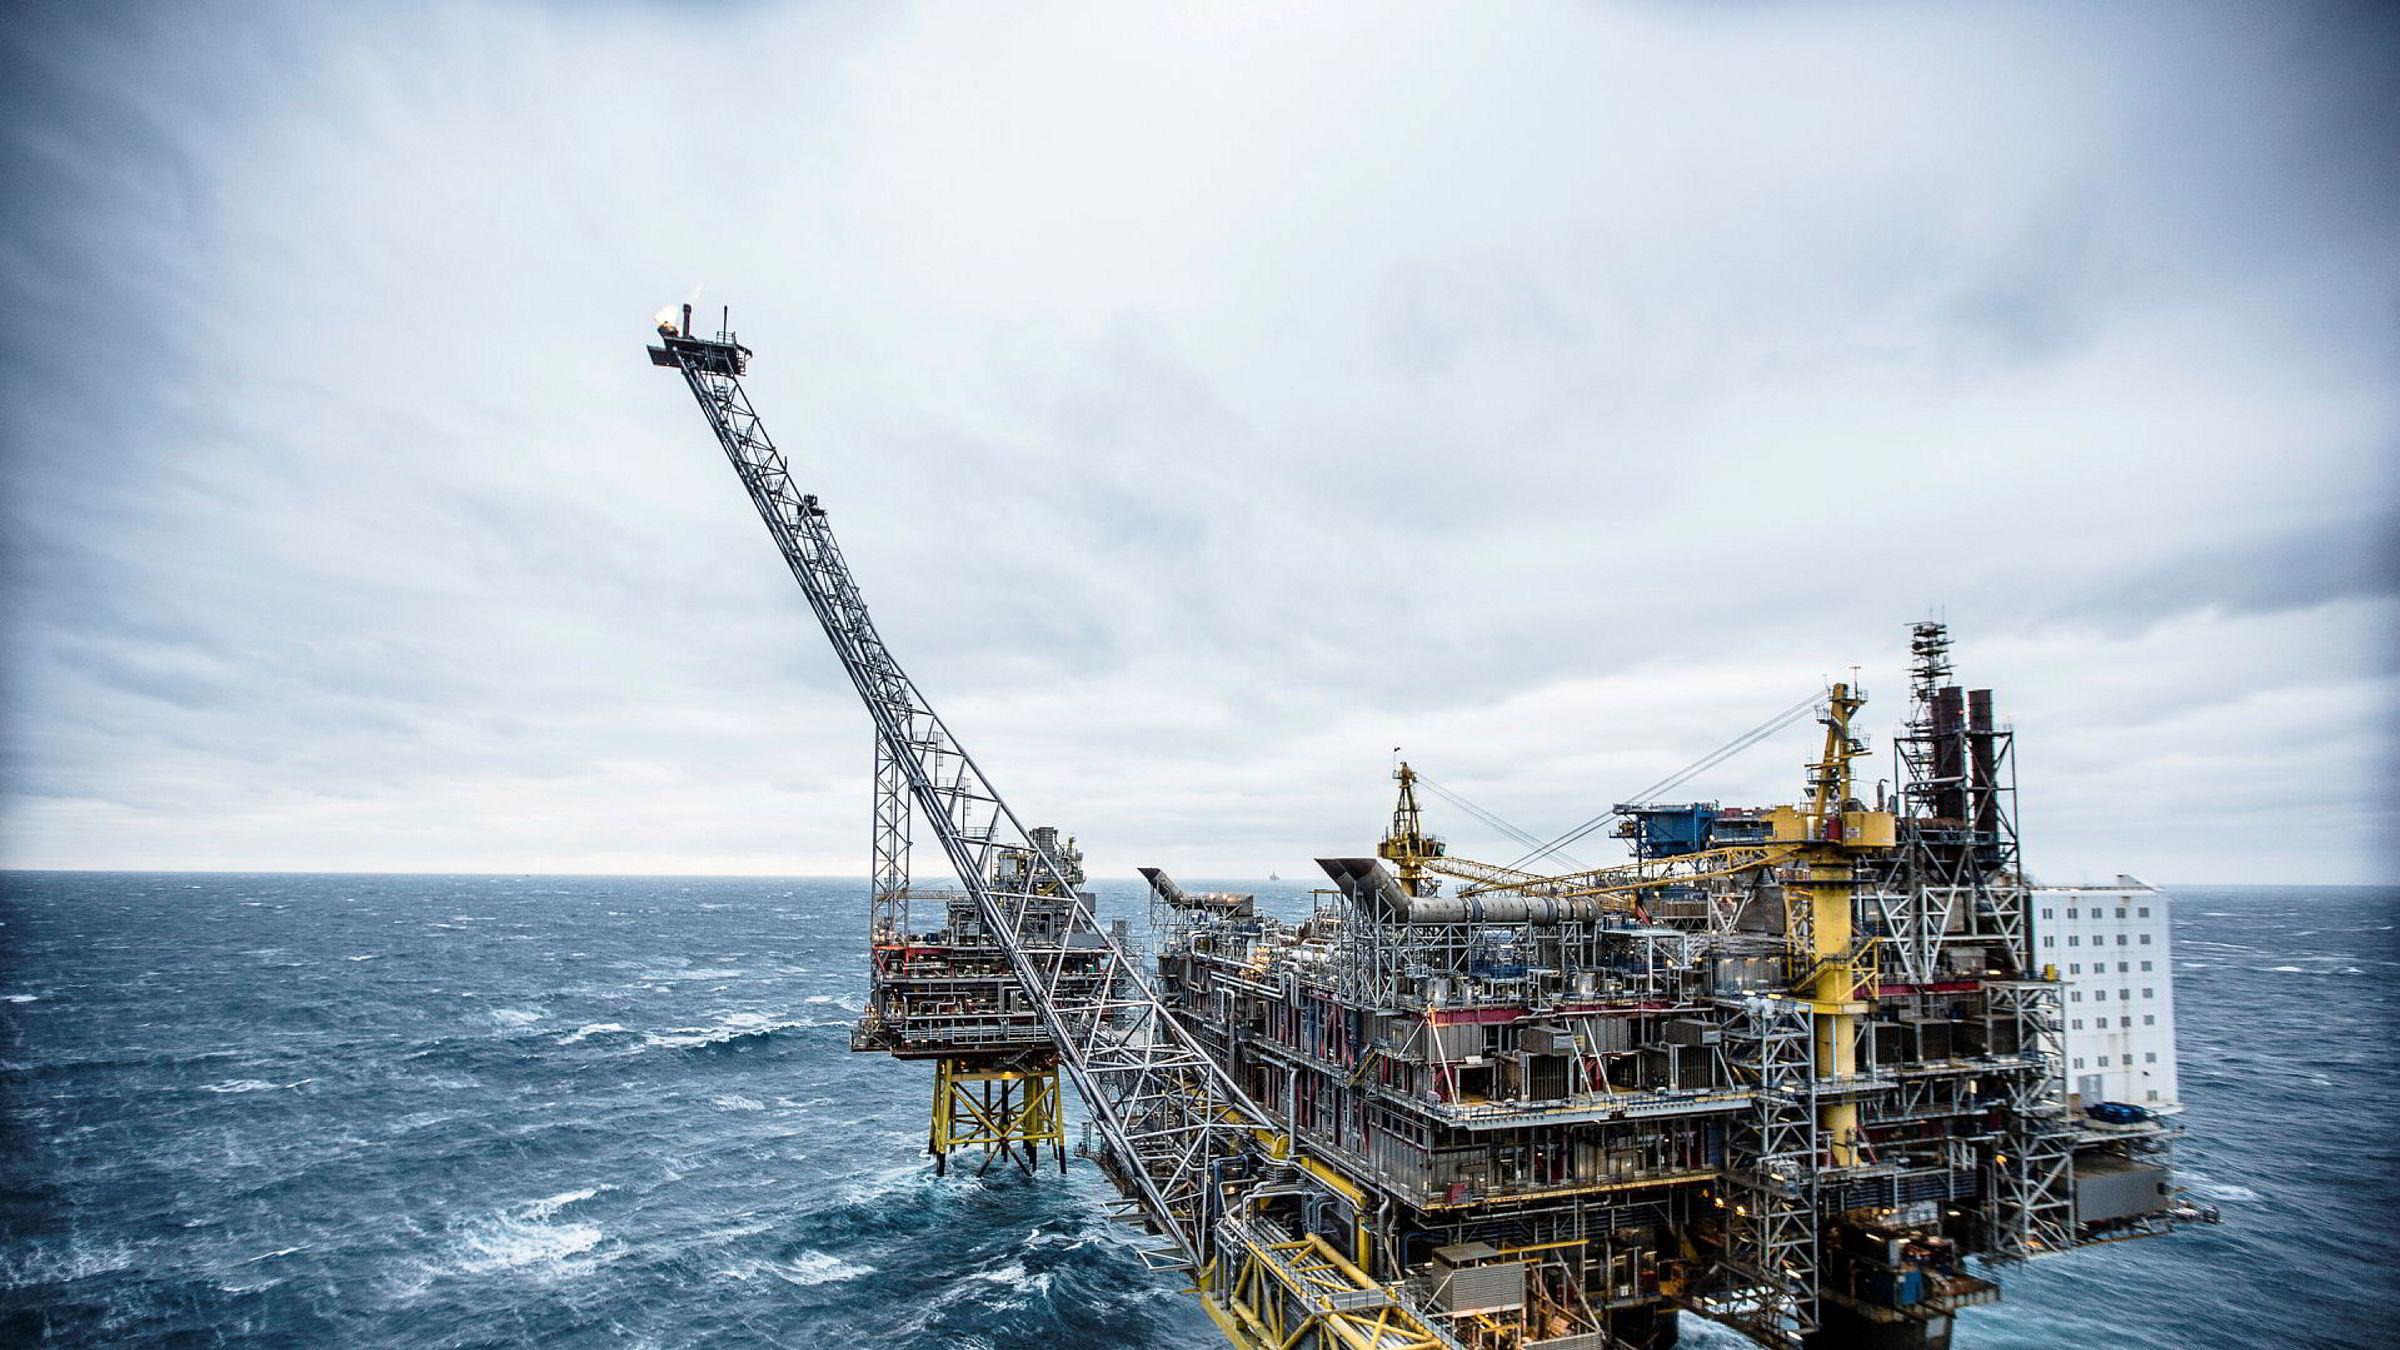 Gjenværende reserver av fossil energi globalt overstiger den mengden vi kan forbrenne for å holde oss innenfor Parisavtalens målsetning, skriver artikkelforfatteren. Her fra Oseberg feltsenter i Nordsjøen.